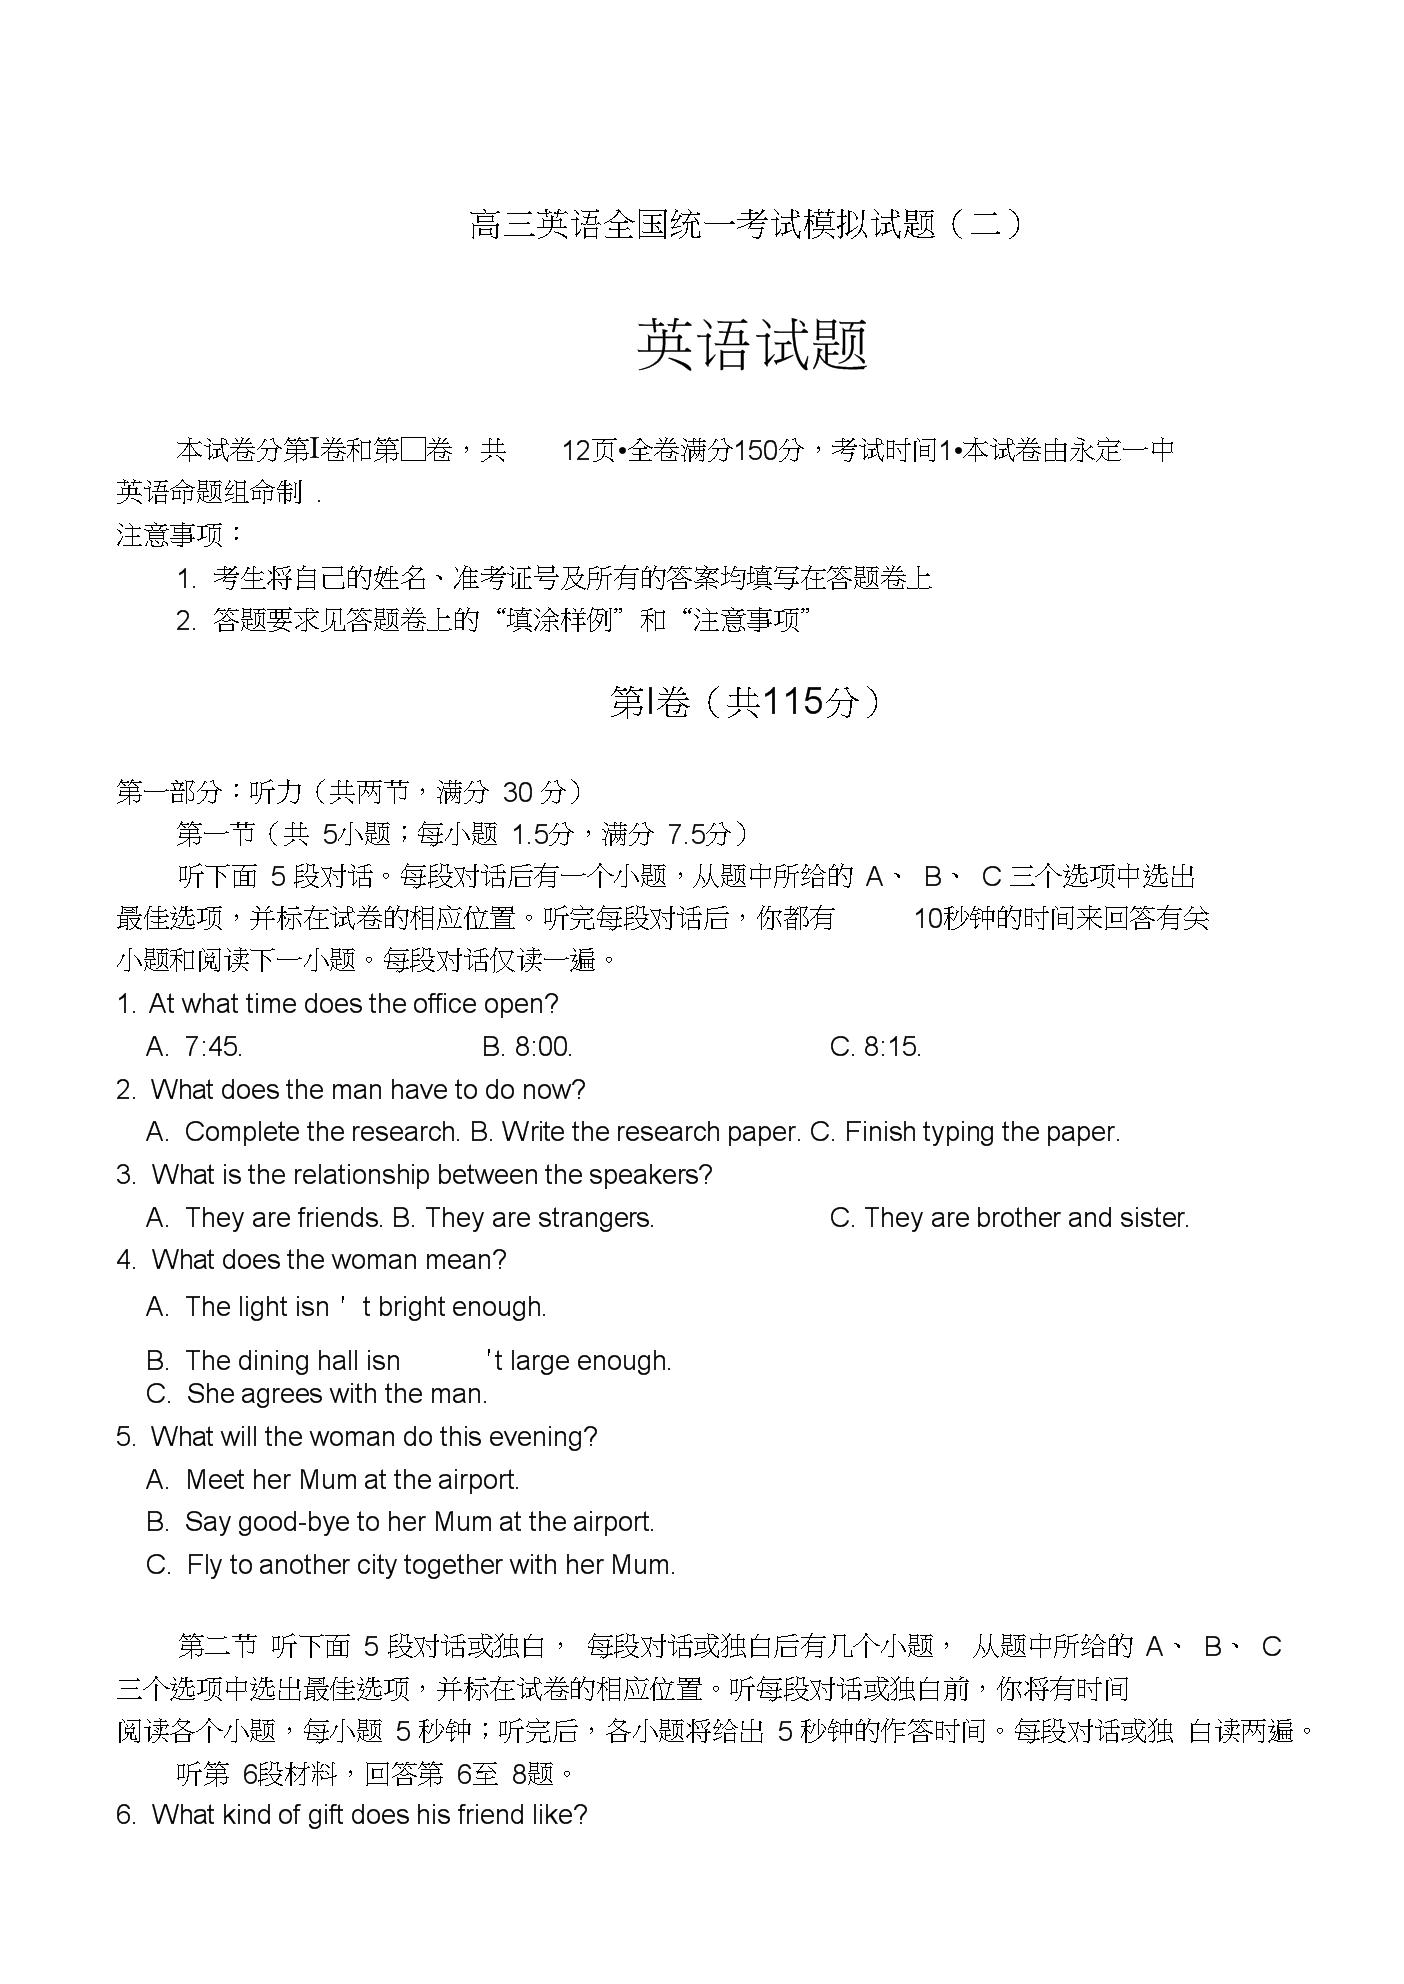 高三英语全国统一考试模拟试题2.doc.docx